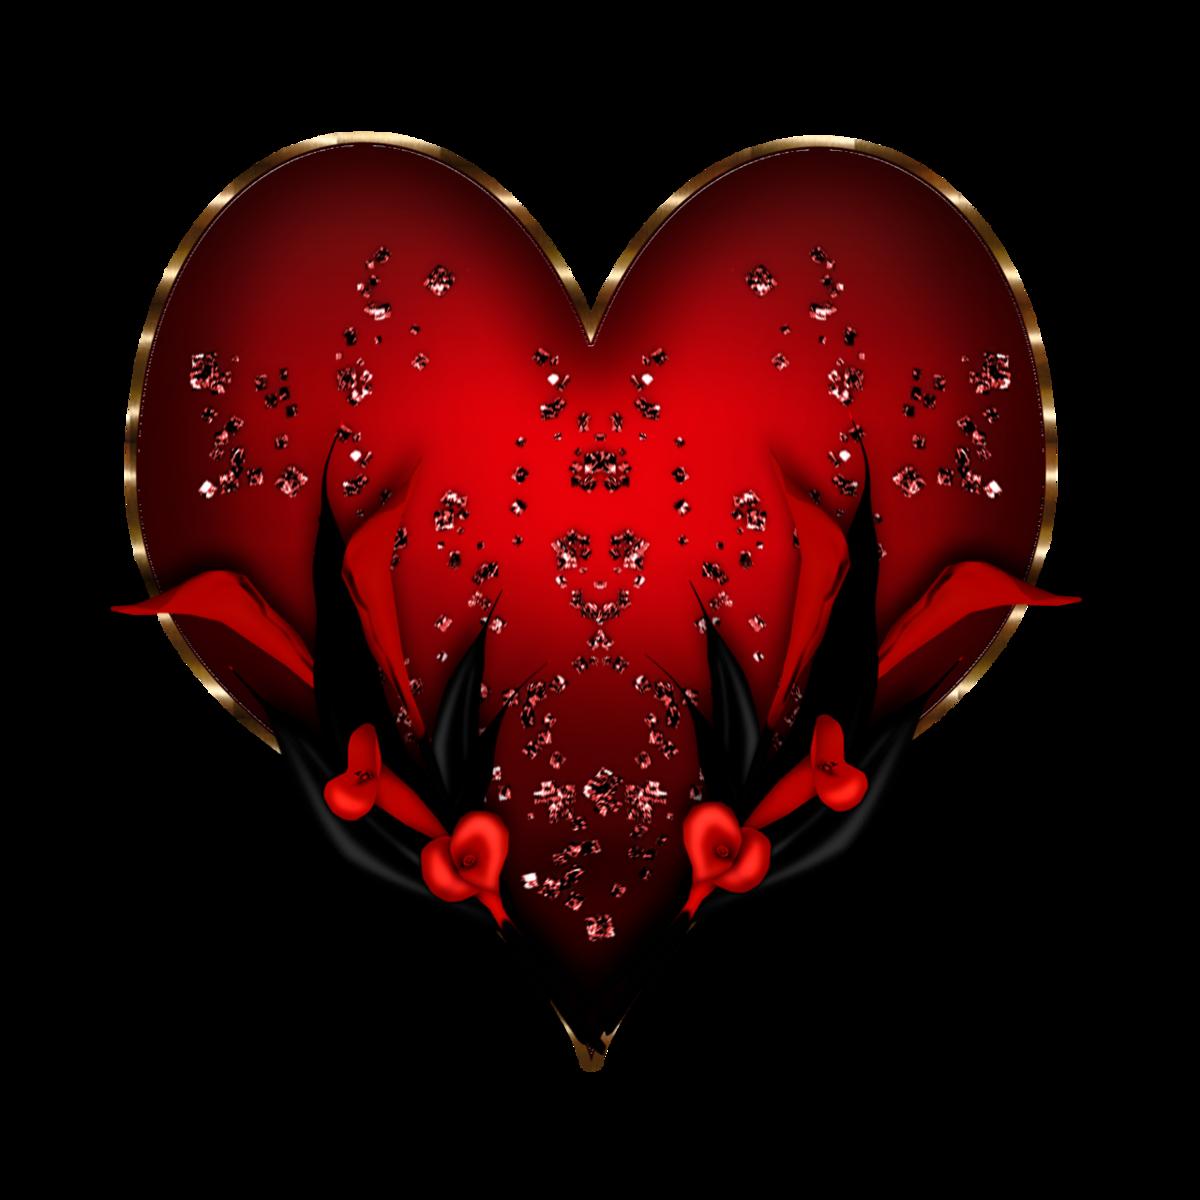 ивановского красивые картинки сердца анимация большинства поклонников